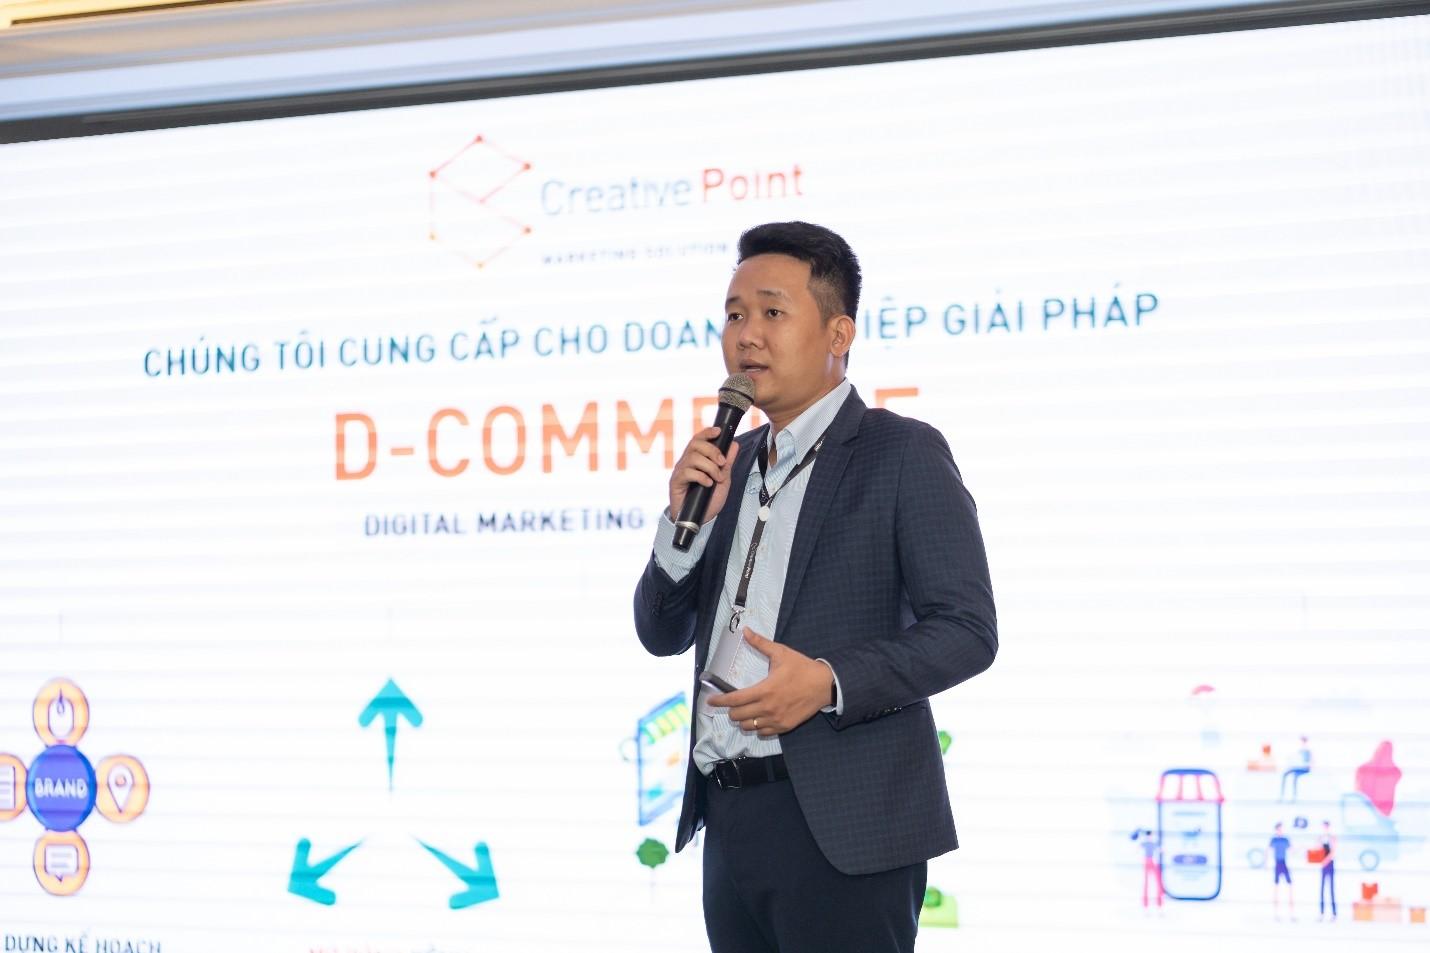 Buổi tọa đàm - kết nối doanh nghiệp: Giải pháp cho bài toán ứng dụng Marketing kỹ thuật số vào kinh doanh 4